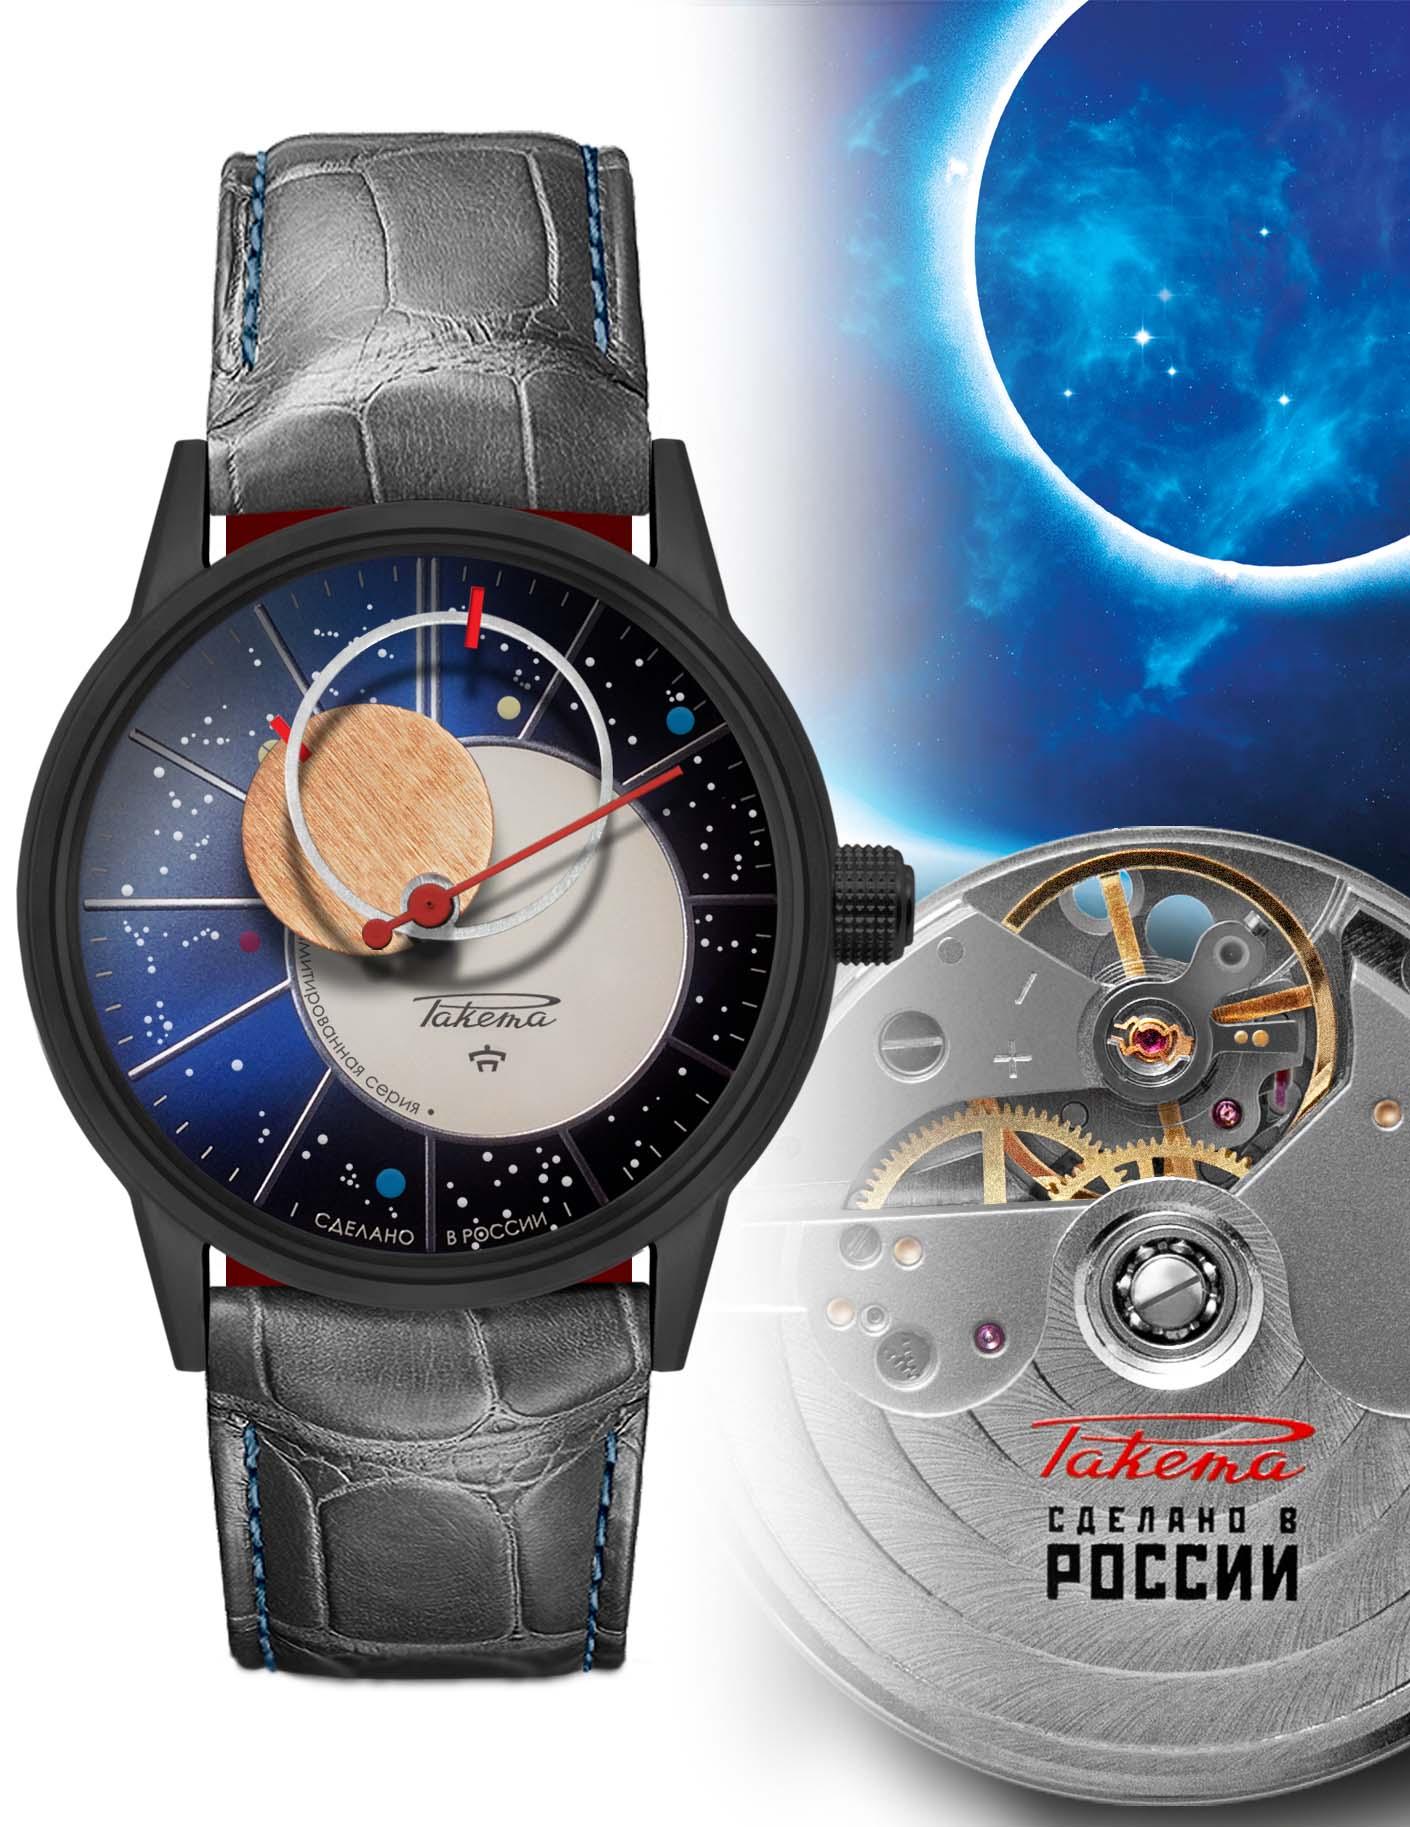 Ракета «Коперник» 0265